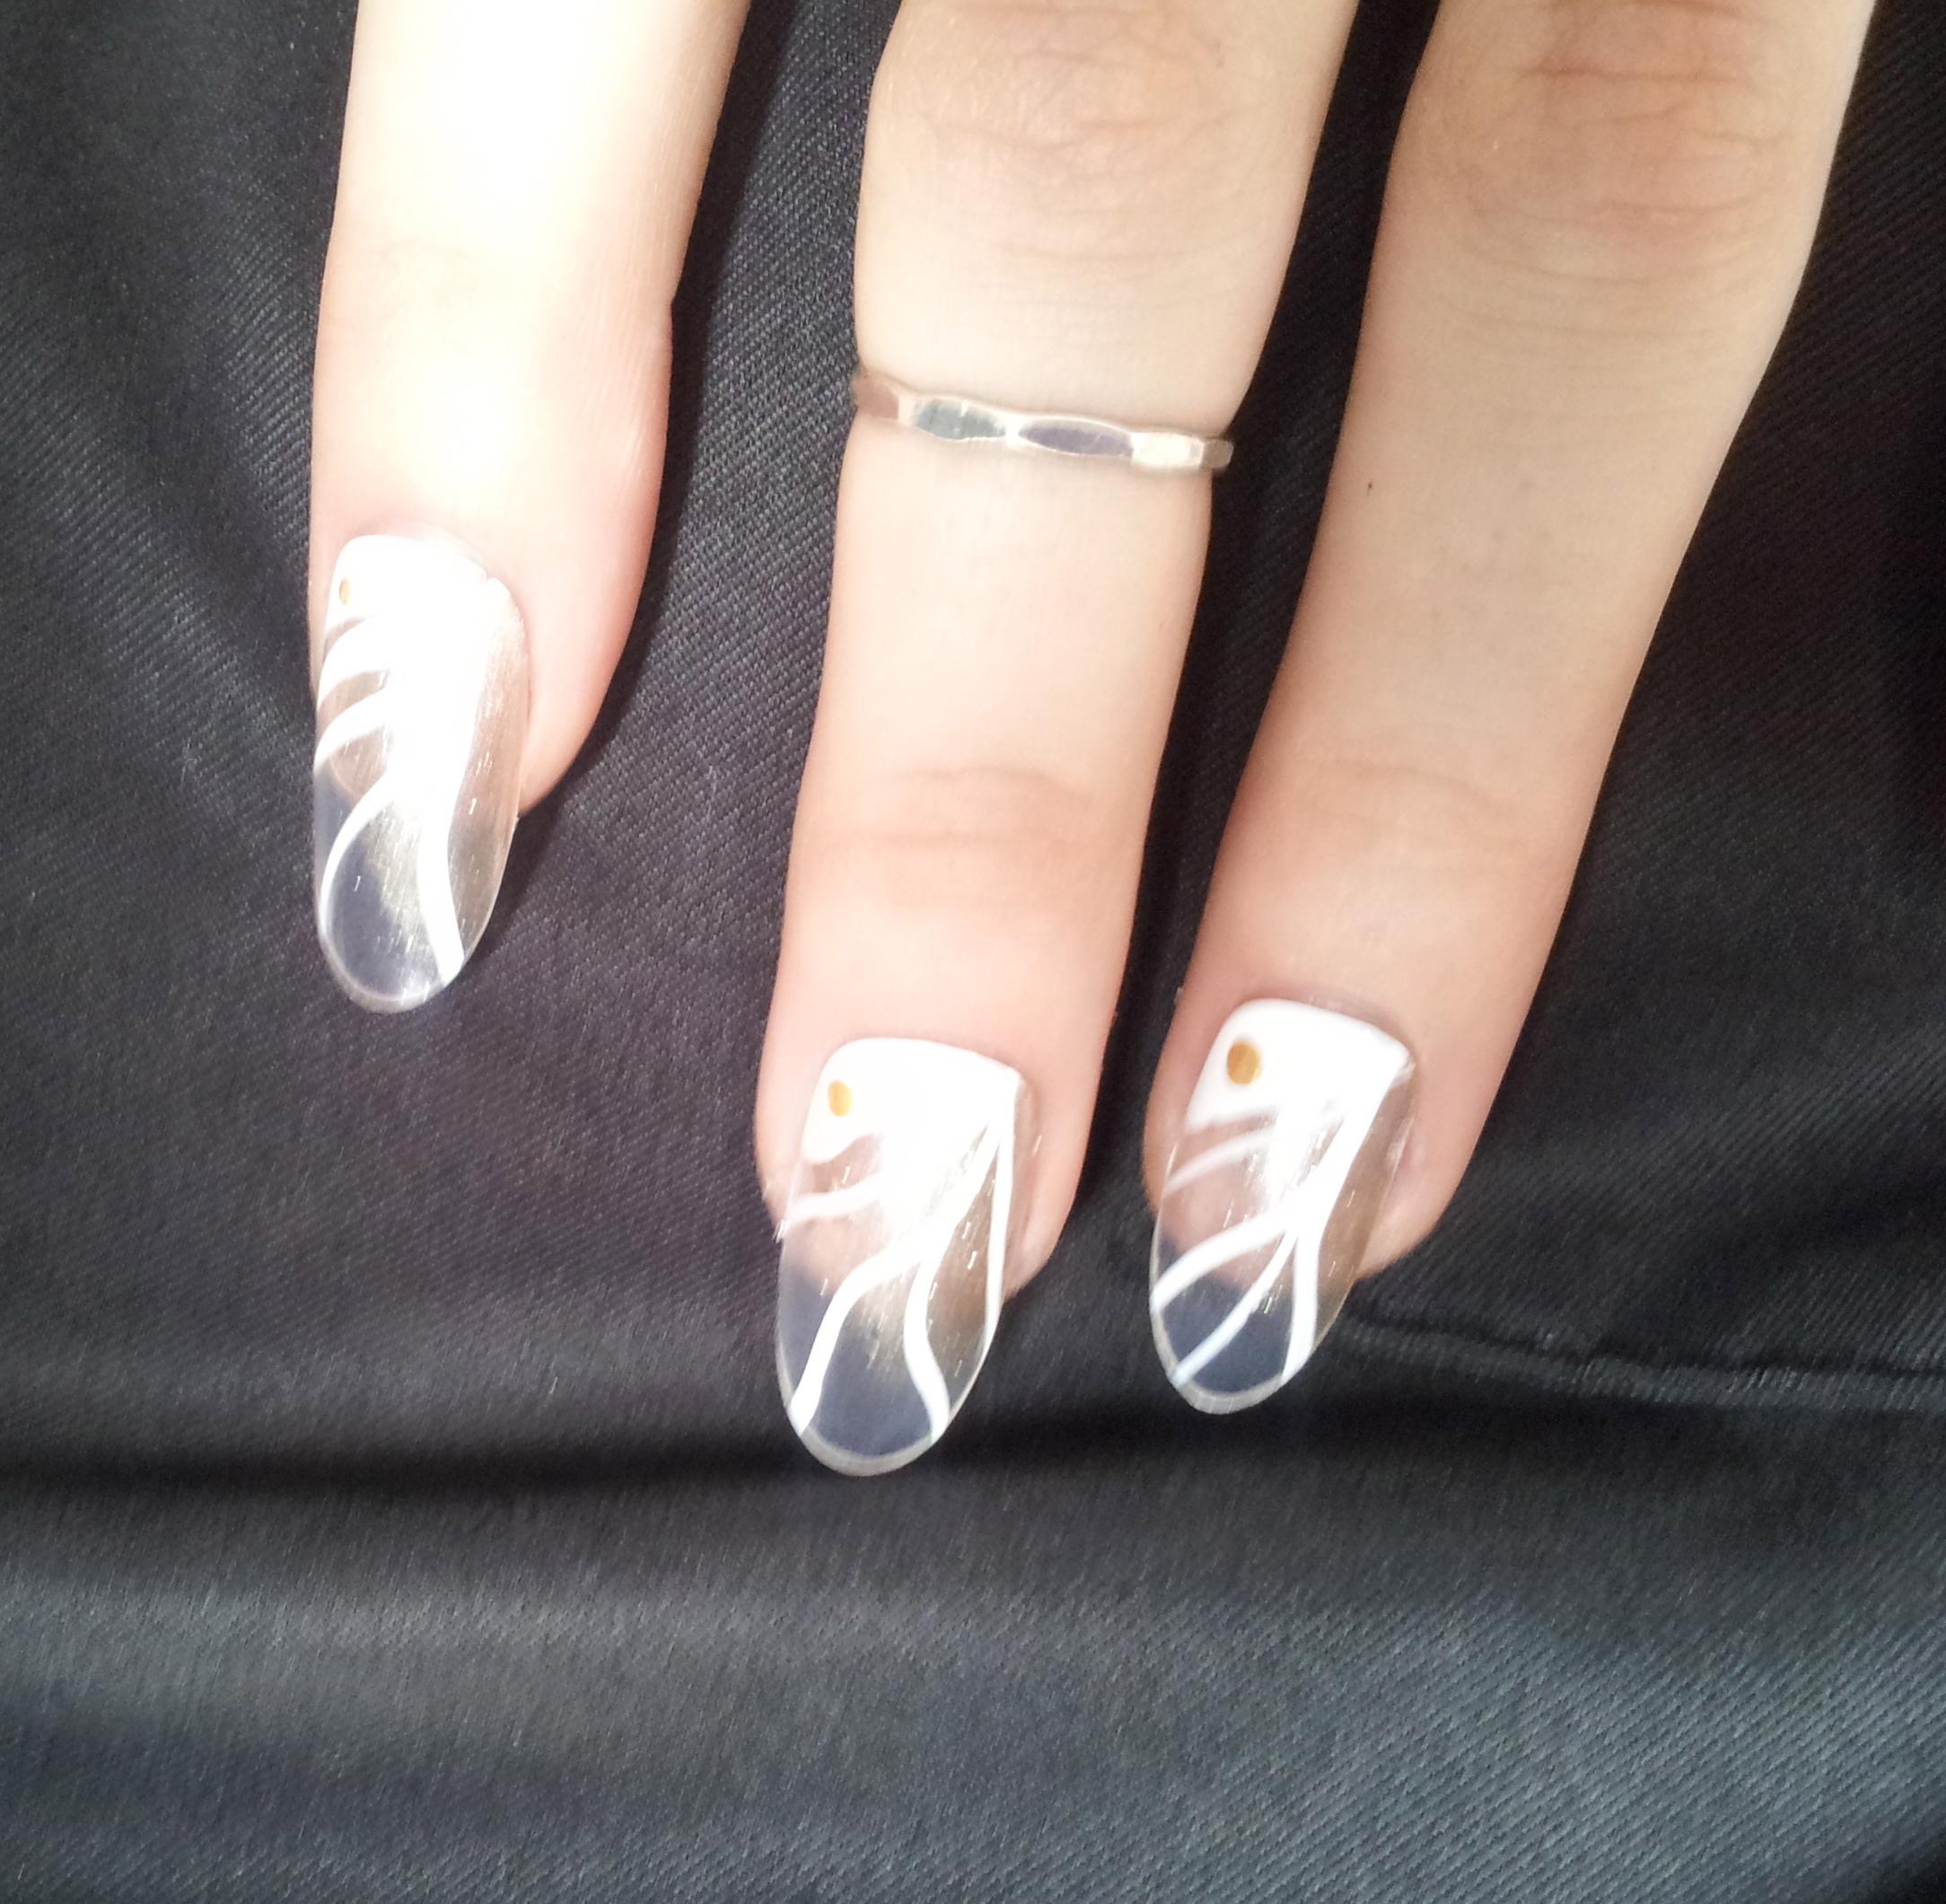 Enchanting Katie Nails Ensign - Nail Art Design Ideas ...